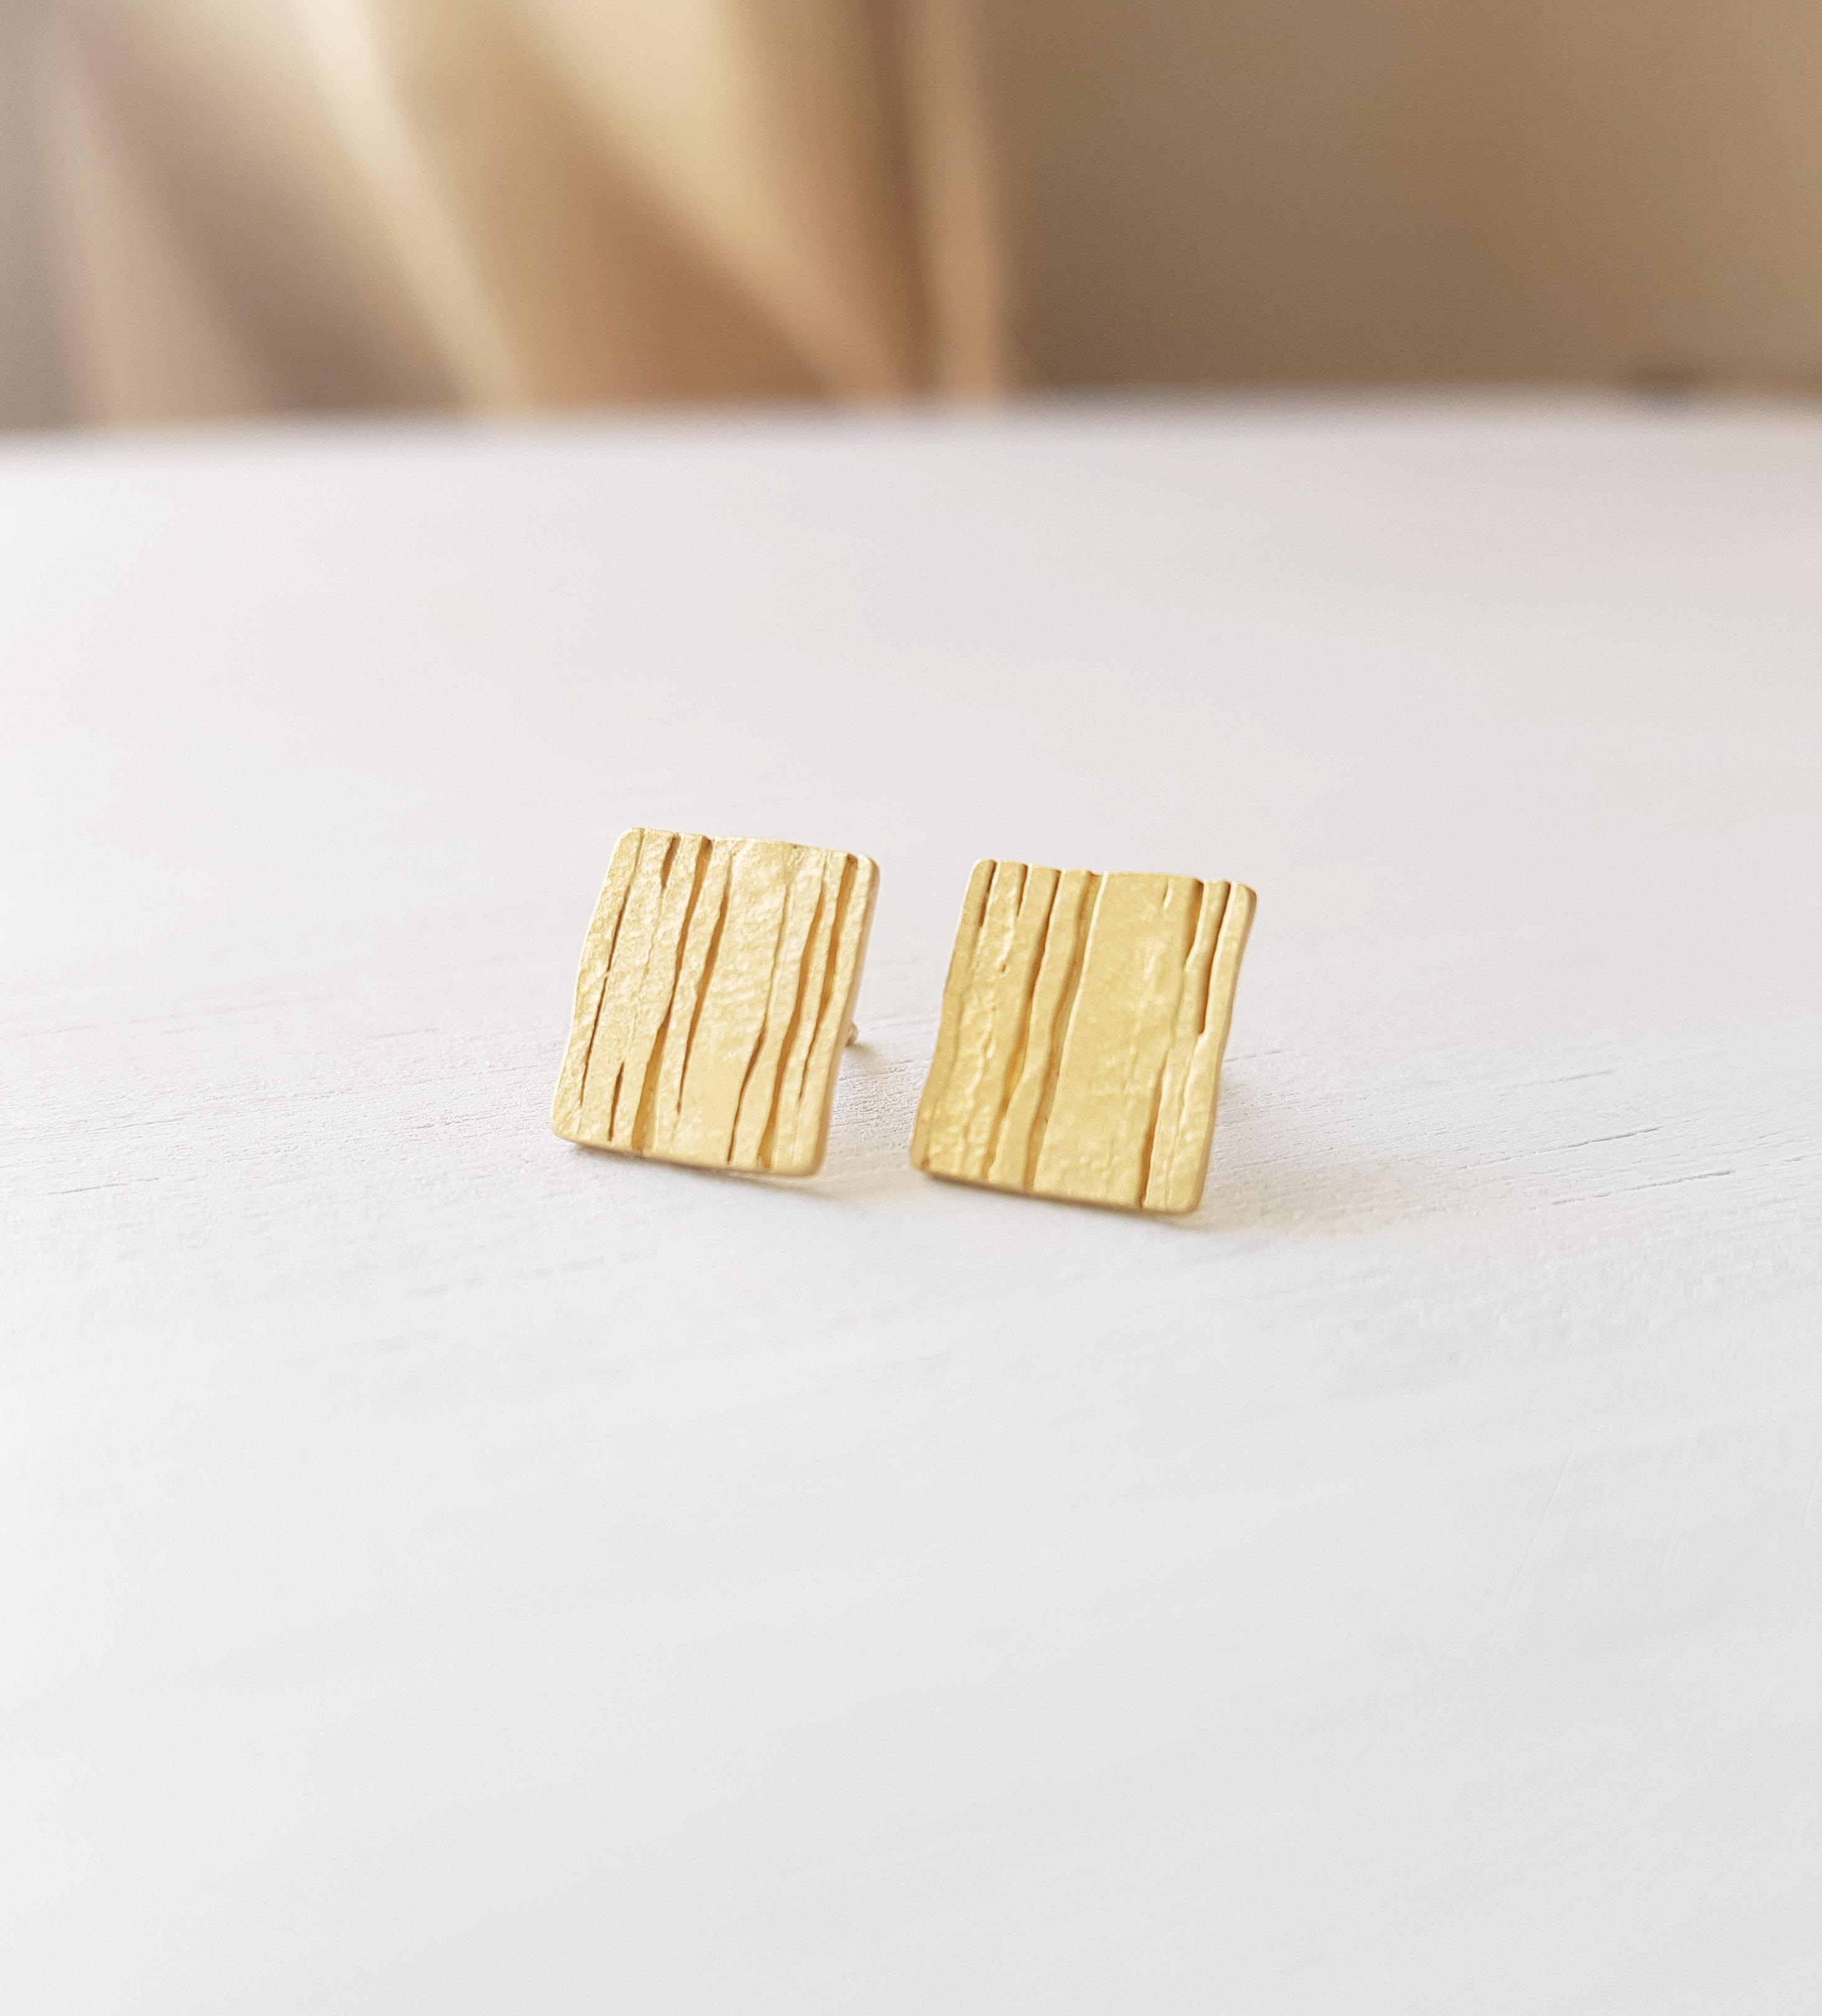 709b1f418322 joyería artesanal Aida Cabo - pendientes dorados- cierre presión - mate - 1